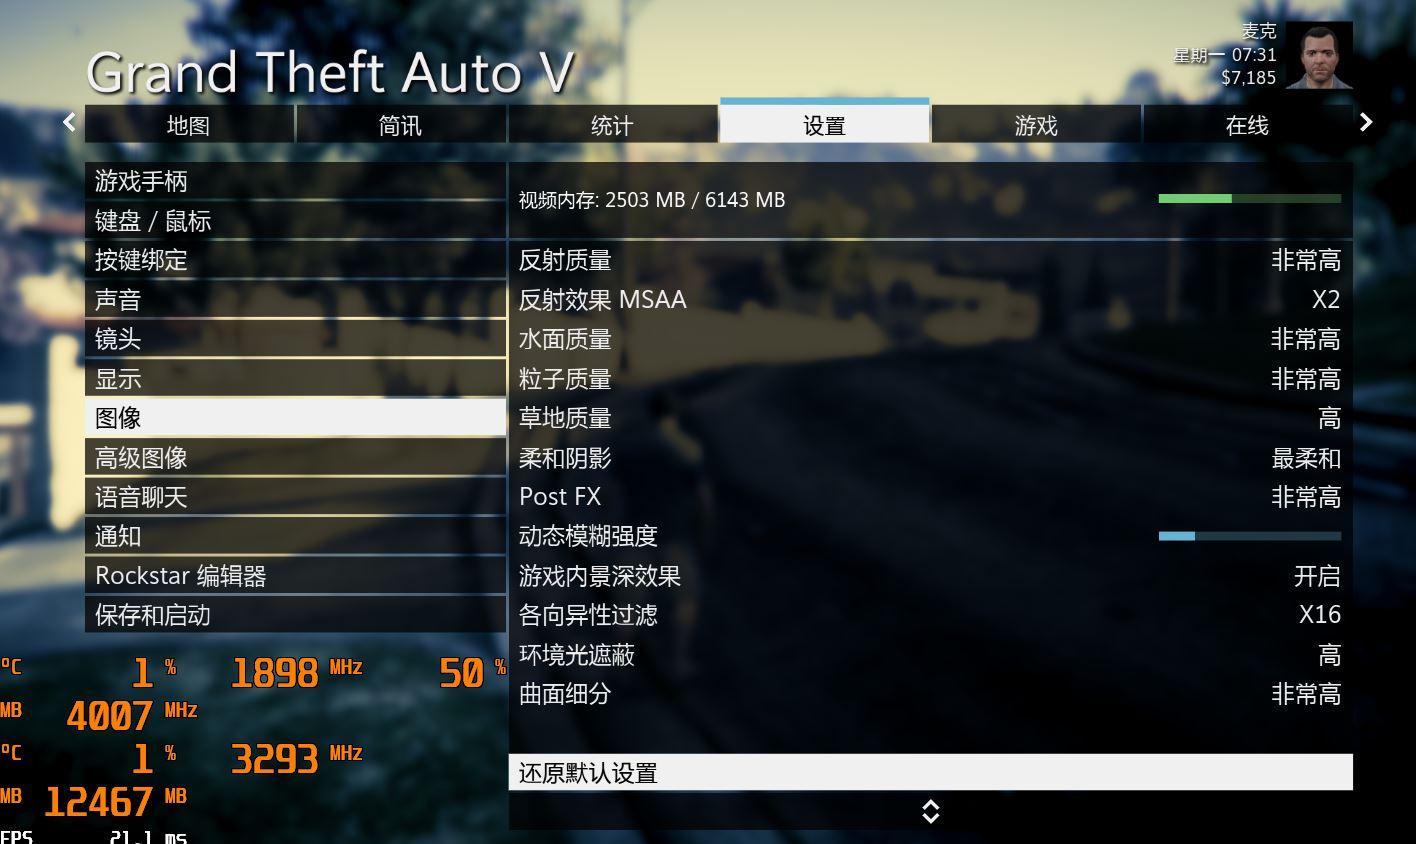 用GTX1060 玩《GTA 5》如何稳定60帧的前提下效果最大化-achair图形设置优化第二集 - gta5 3